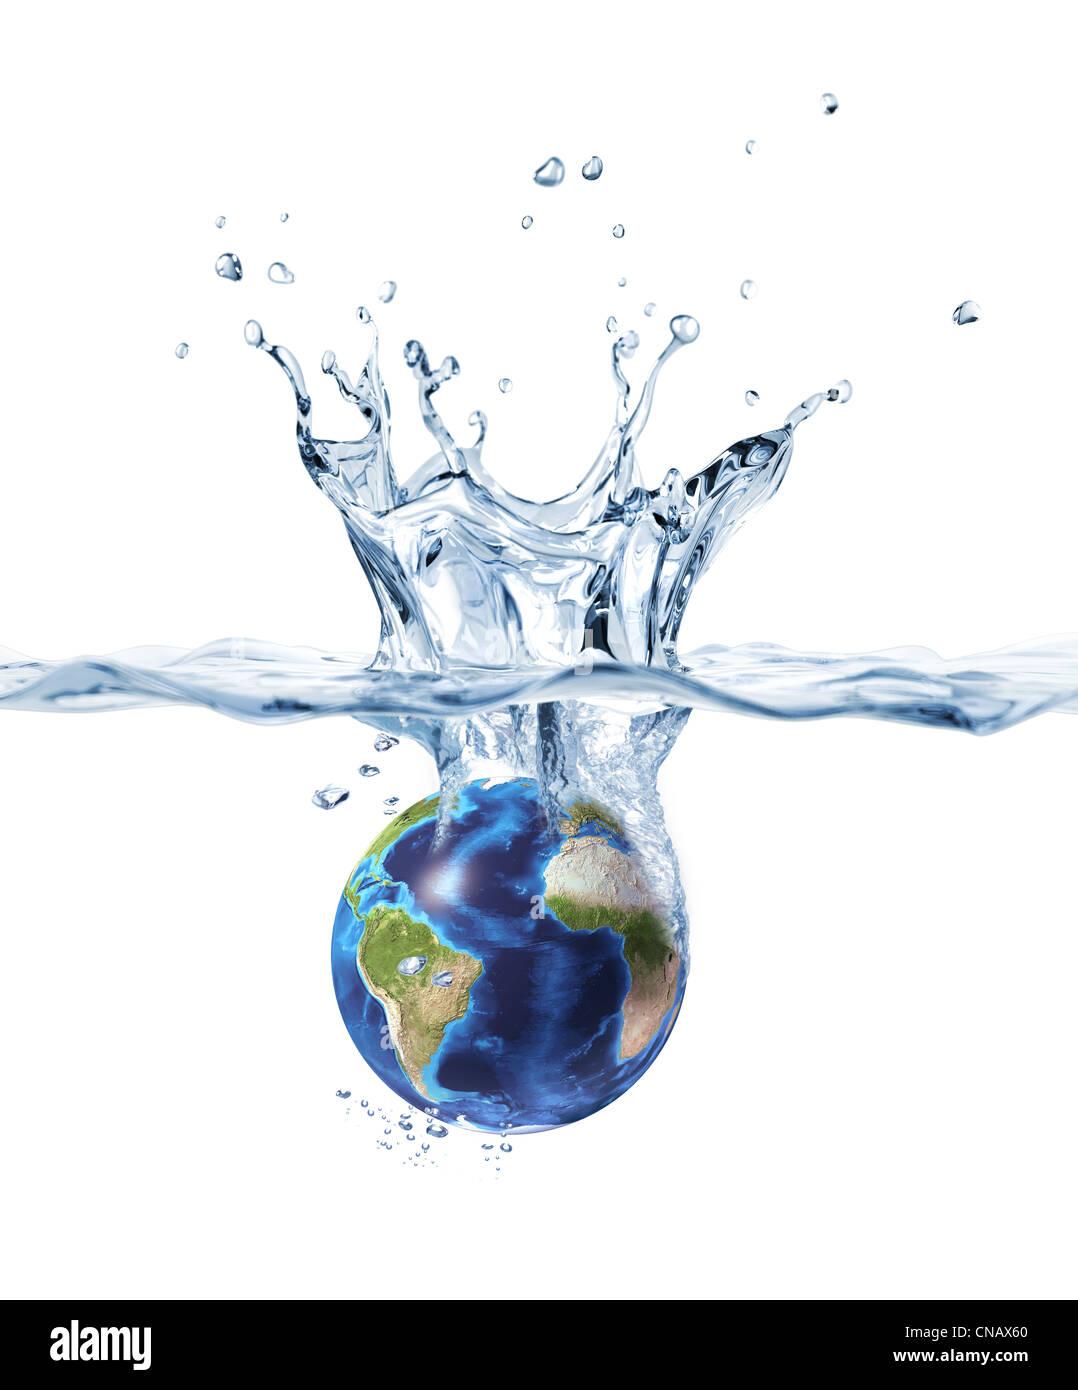 La planète Terre, tomber dans l'eau claire, formant une couronne splash. Photo Stock